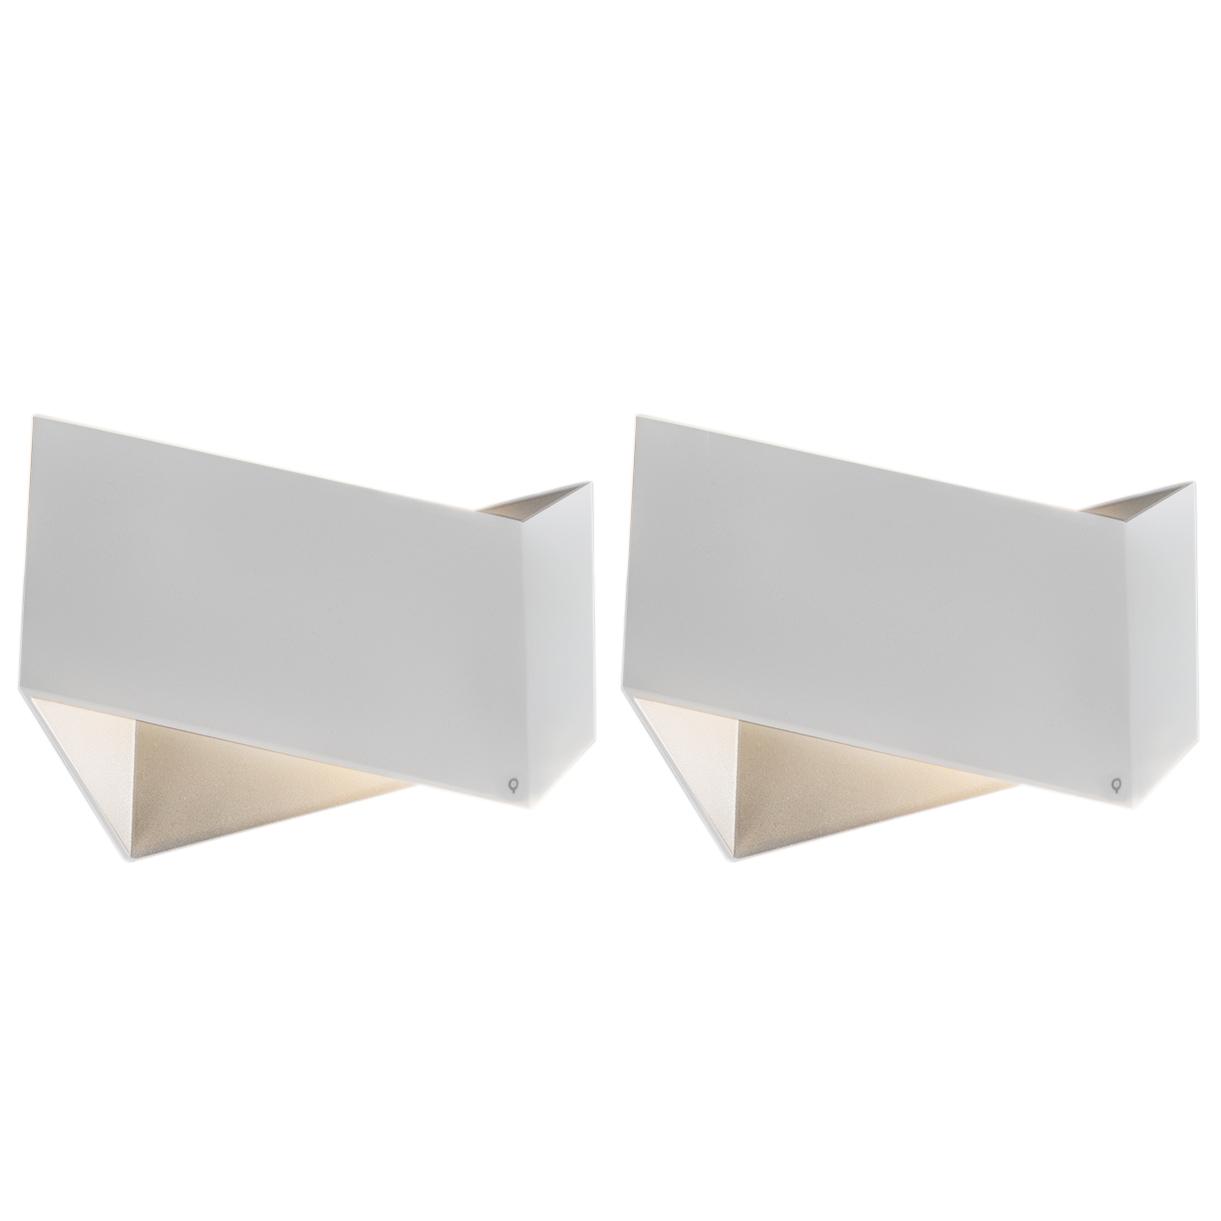 Zestaw 2 x designerski kinkiet biały - Fold